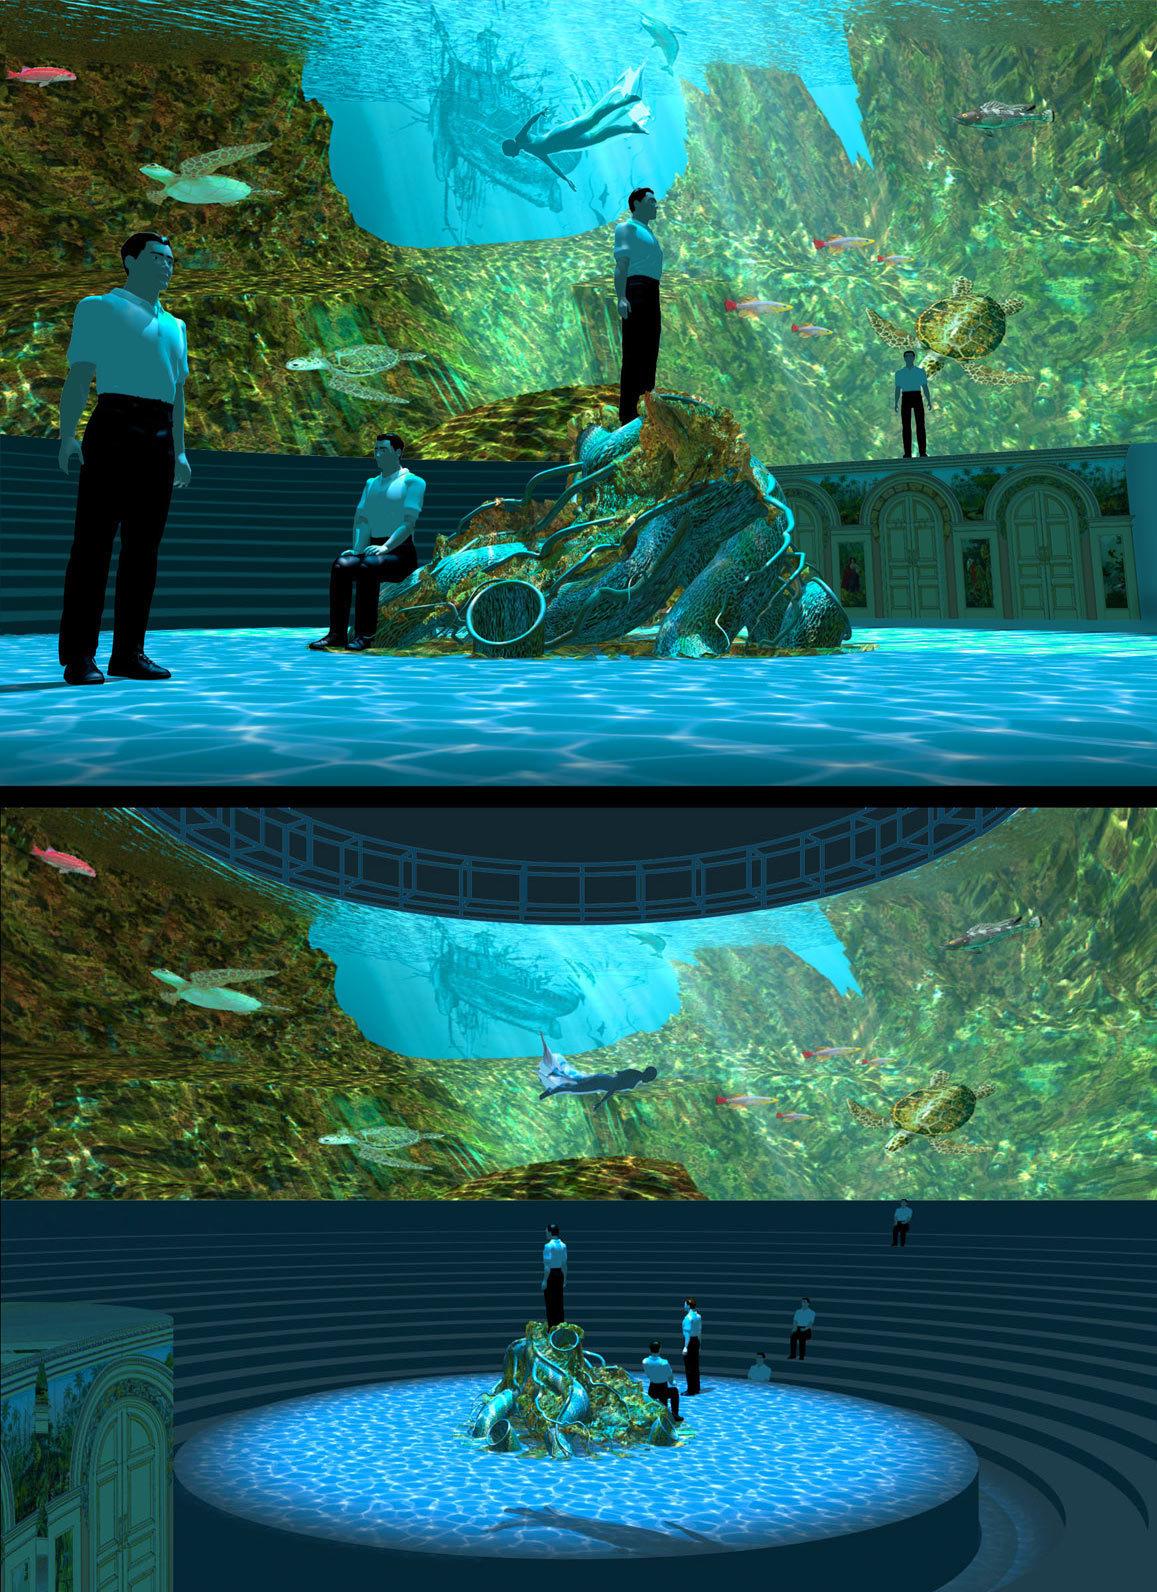 Bill d mermaids rock 2 conc 1 675f73ea mf1e